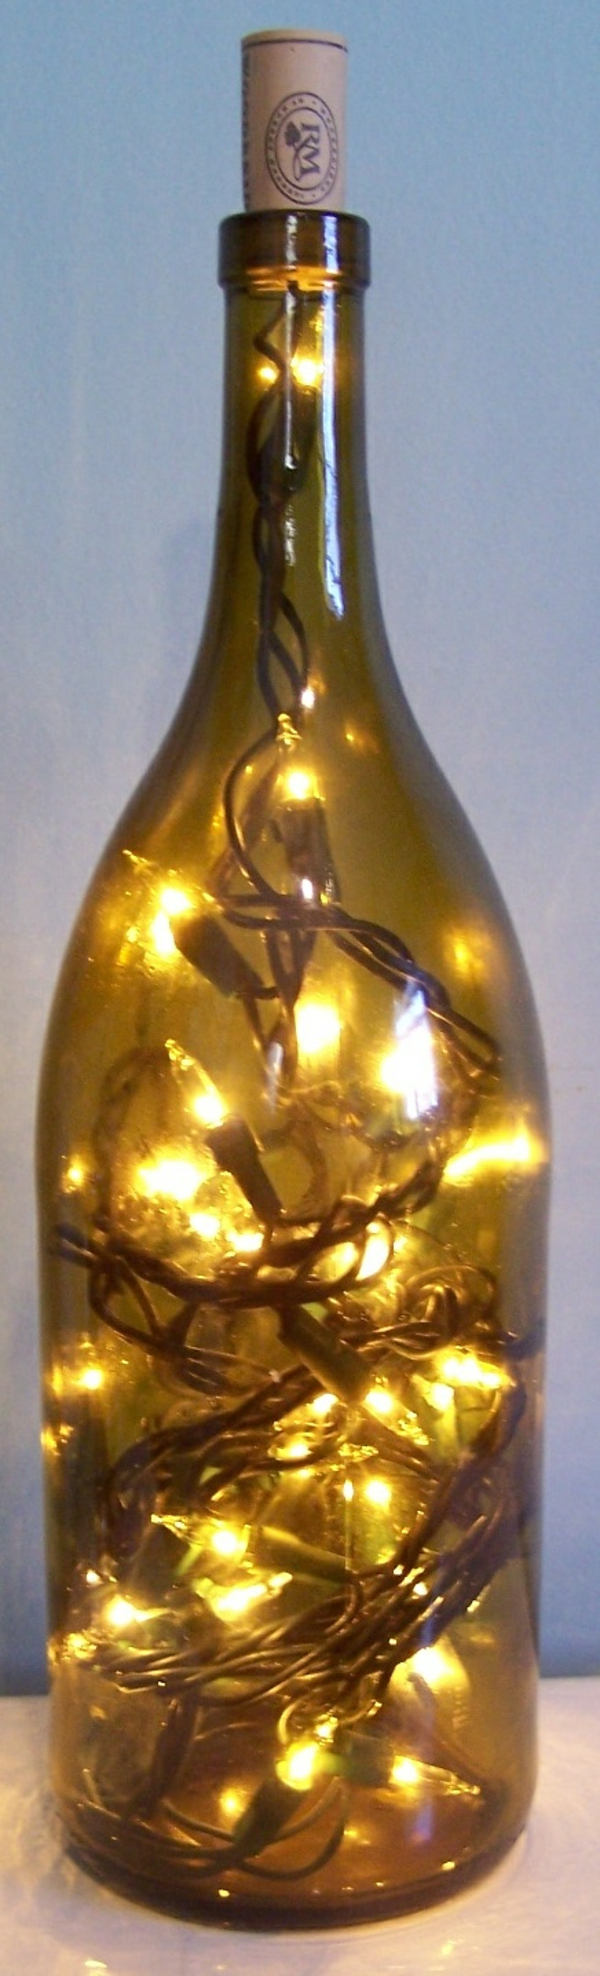 Как сделать лампу из бутылки своими руками, 27 фото